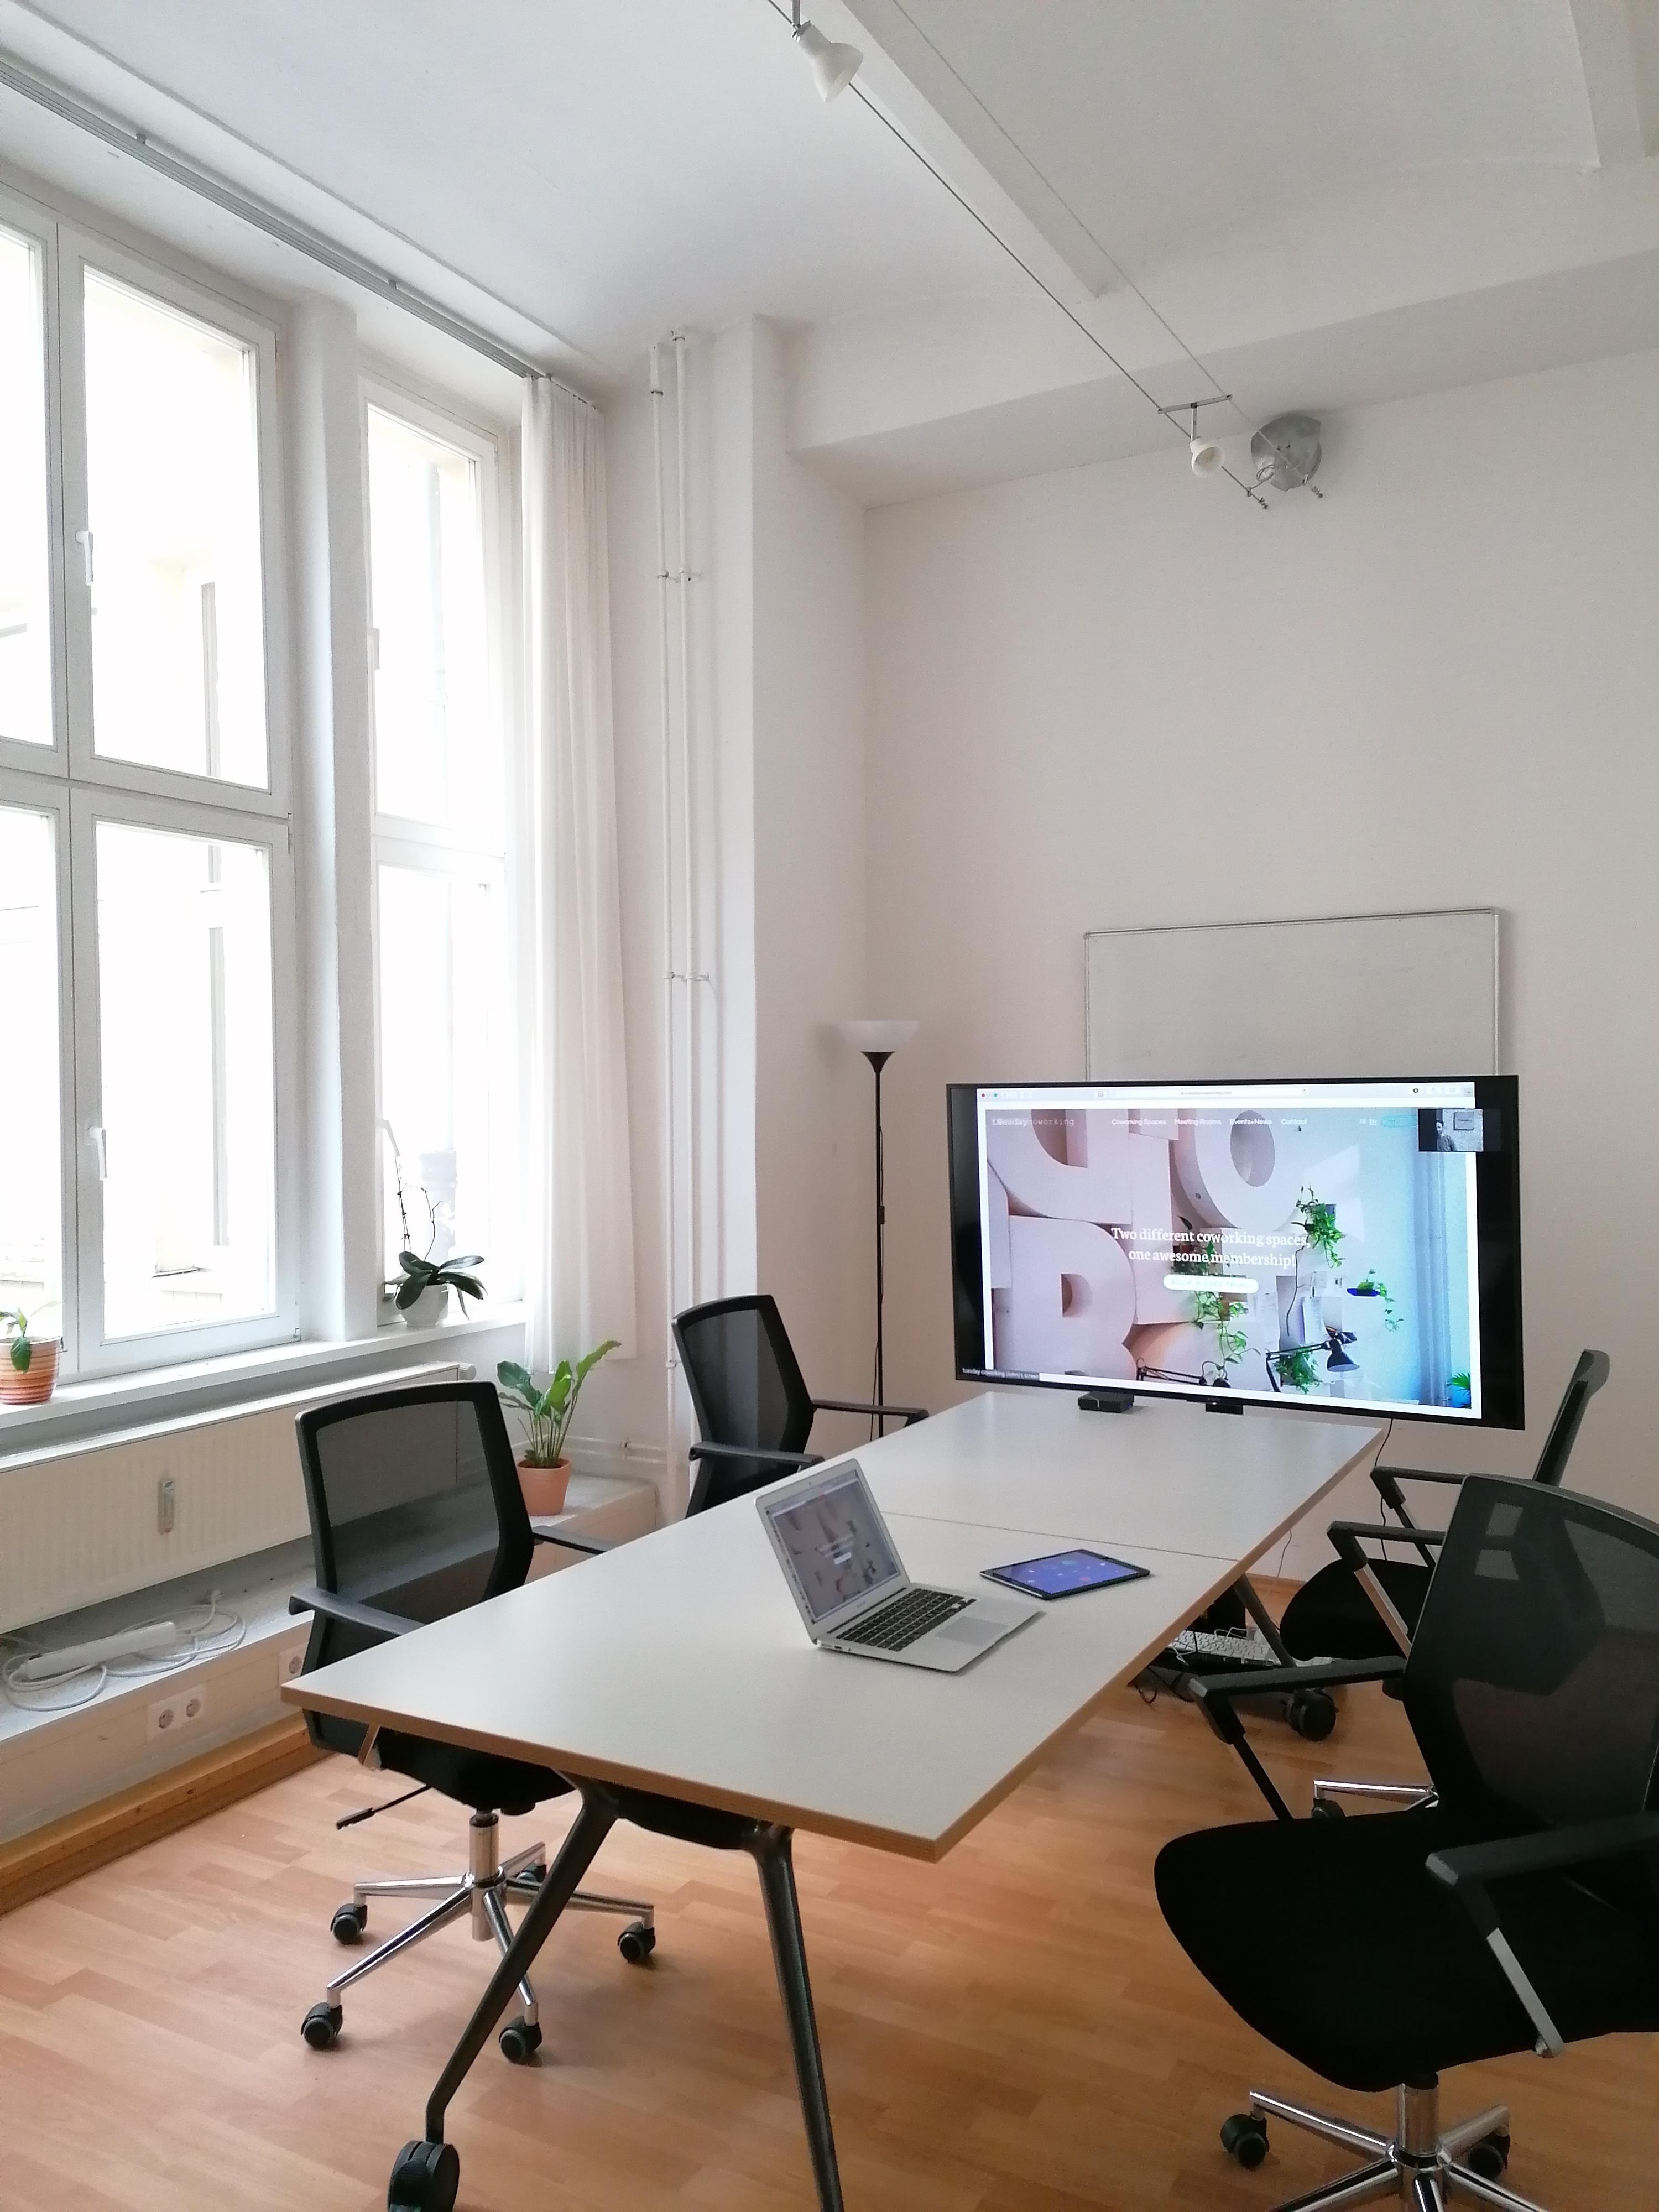 Berlin workshop spaces Salle de réunion  image 0